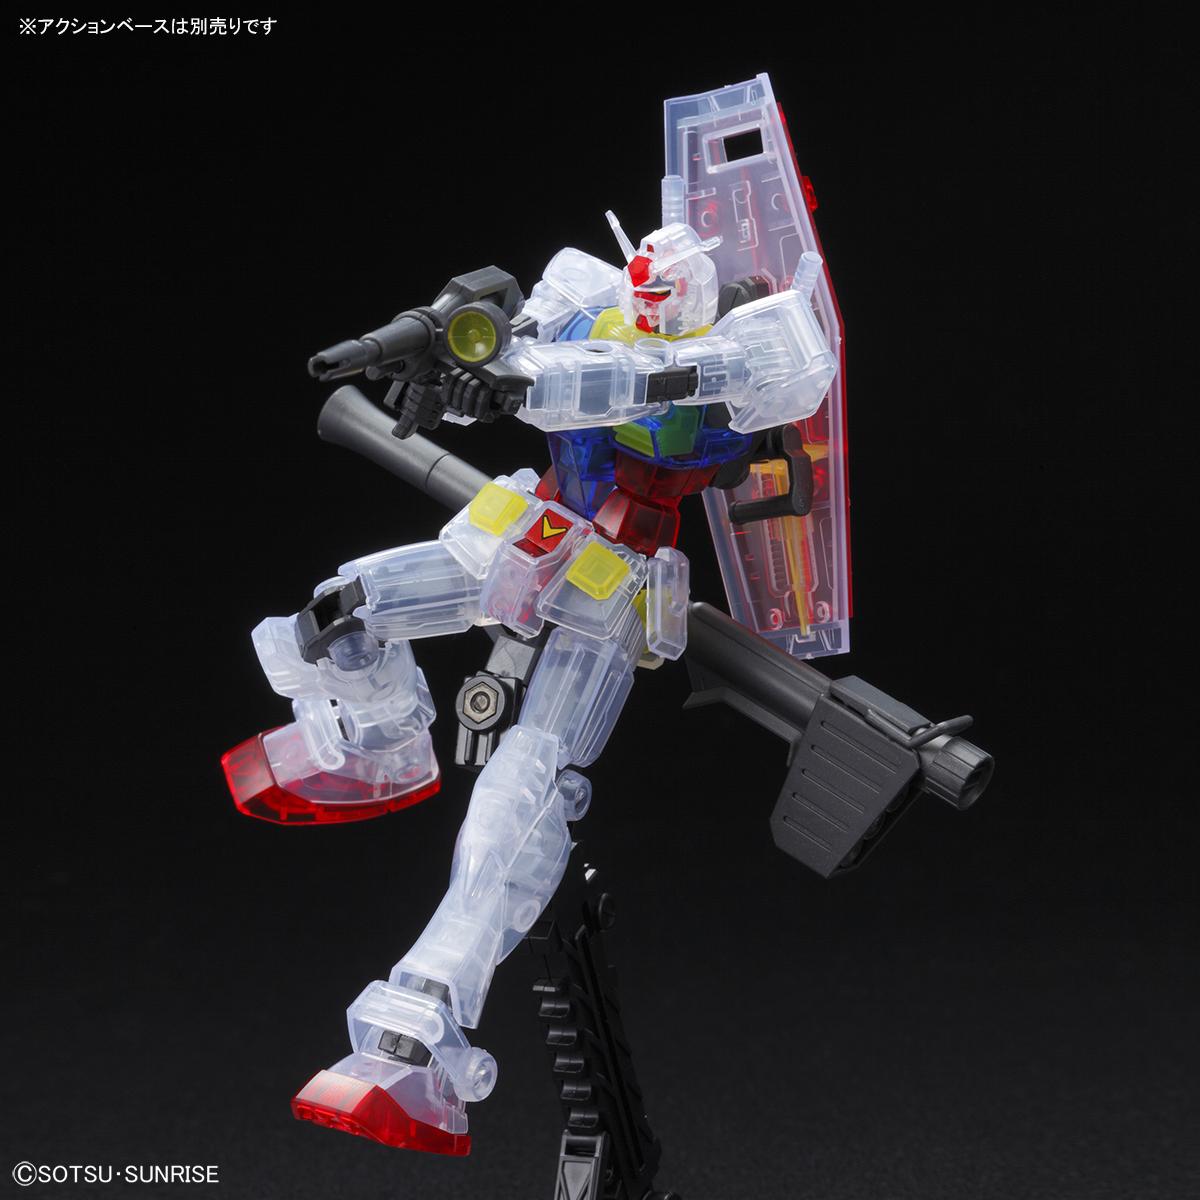 HG 1/144 RX-78-2 ガンダム[クリアカラー] 商品画像